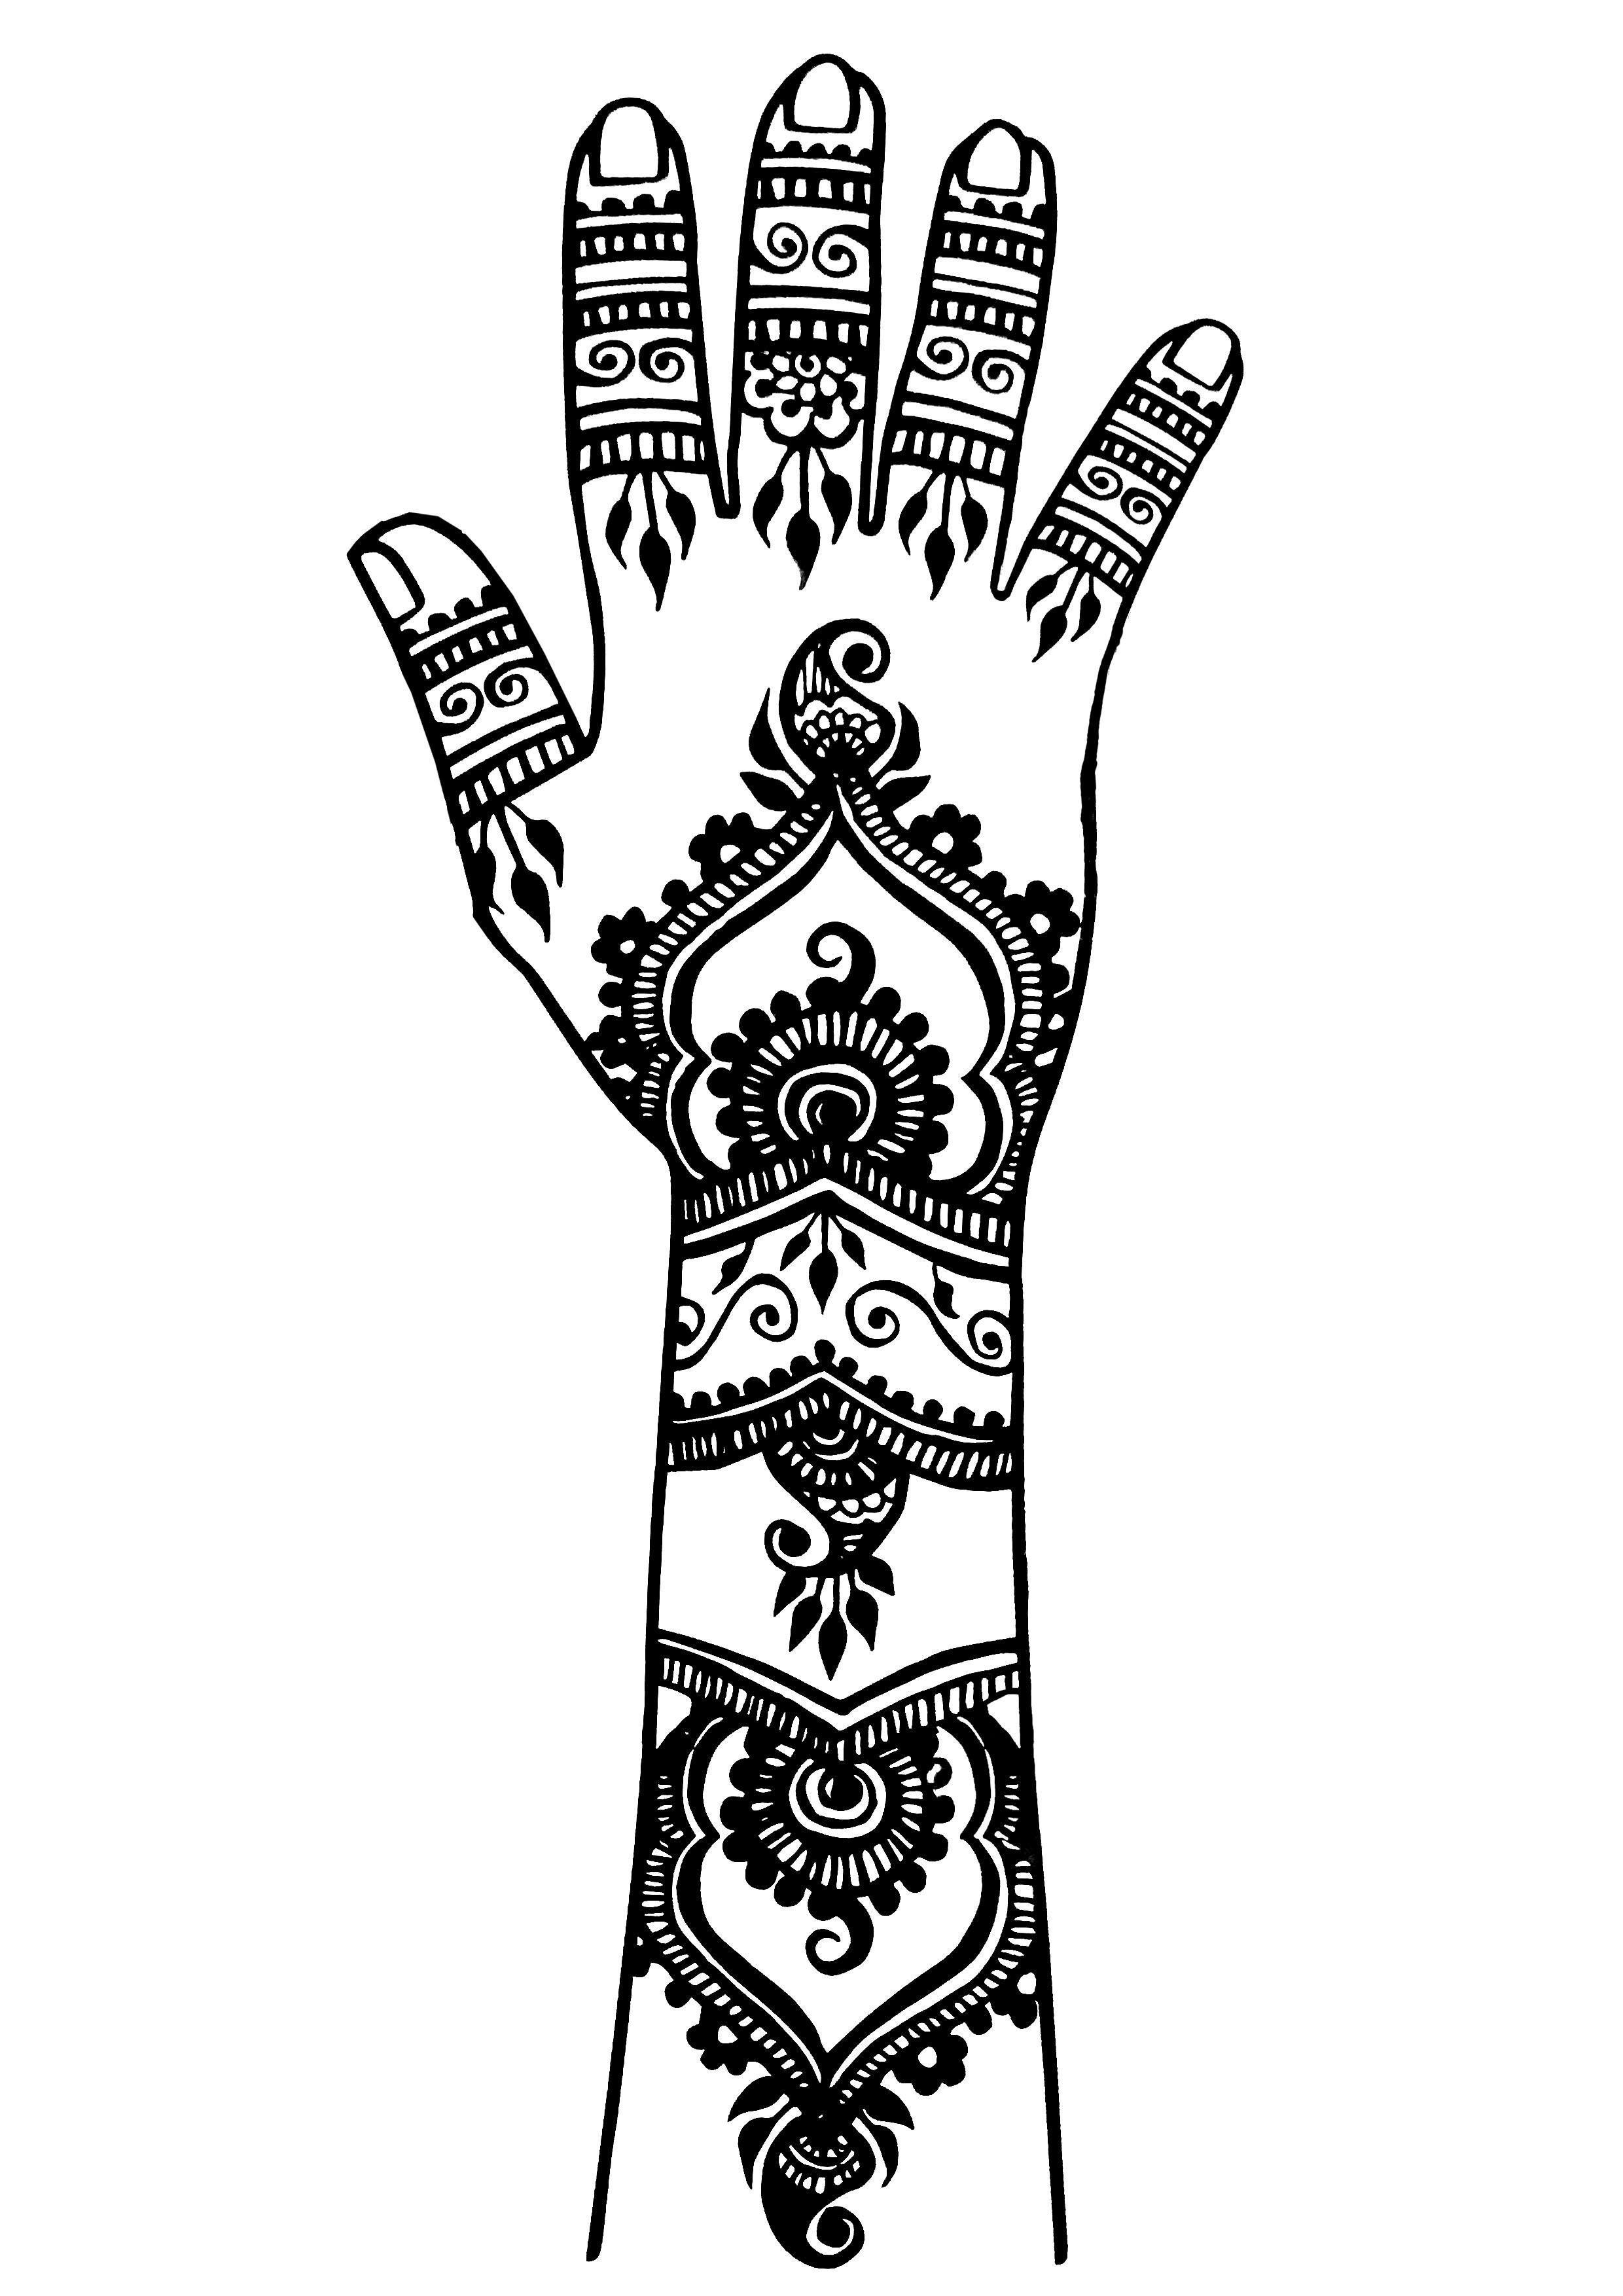 Disegni da colorare per adulti : Tatuaggi - 31